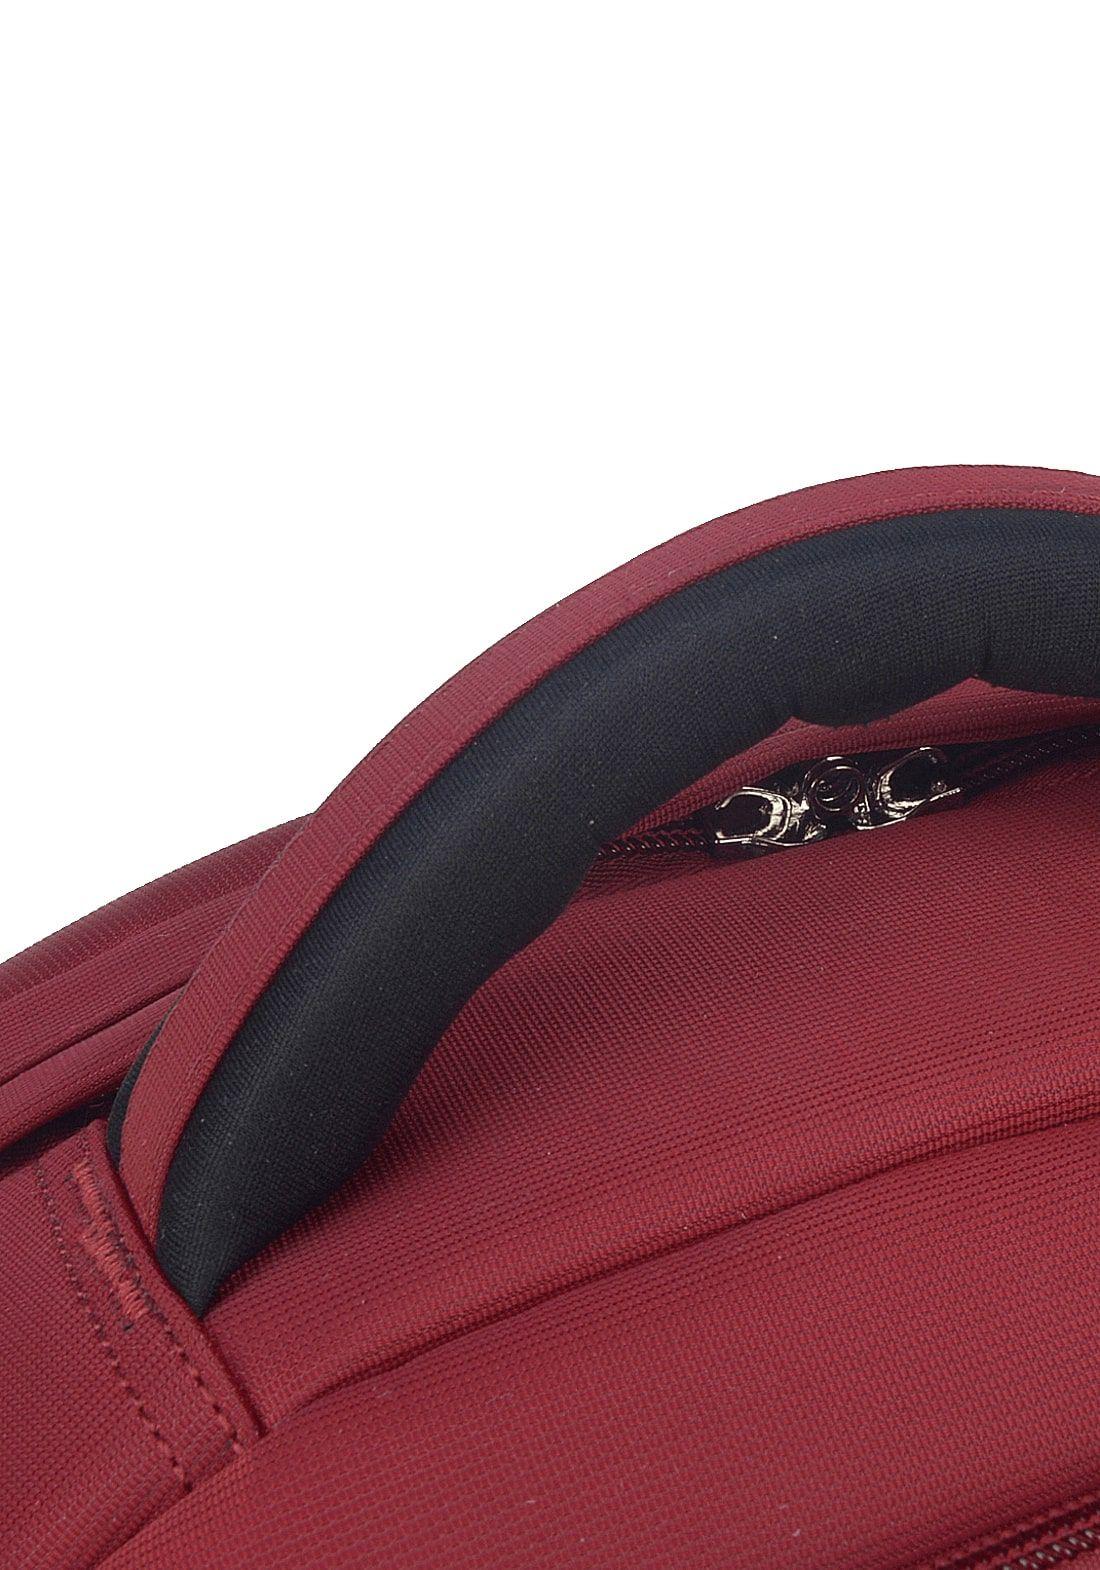 Mochila Executiva Notebook Polo King Vermelha Original